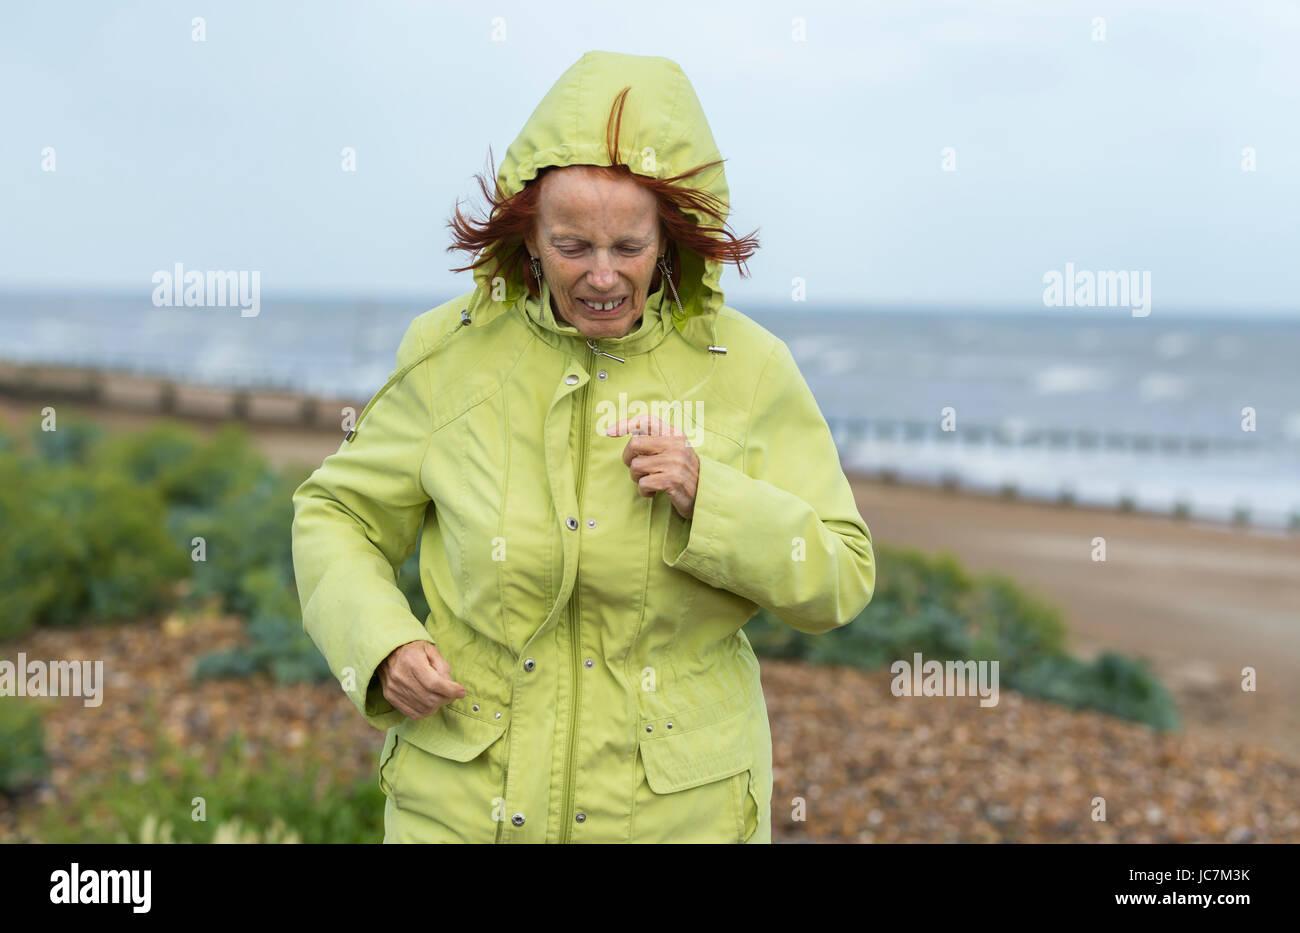 Mujer de mediana edad se ejecuta en una playa en clima frío vestida con una chaqueta para mantener el calor, Imagen De Stock